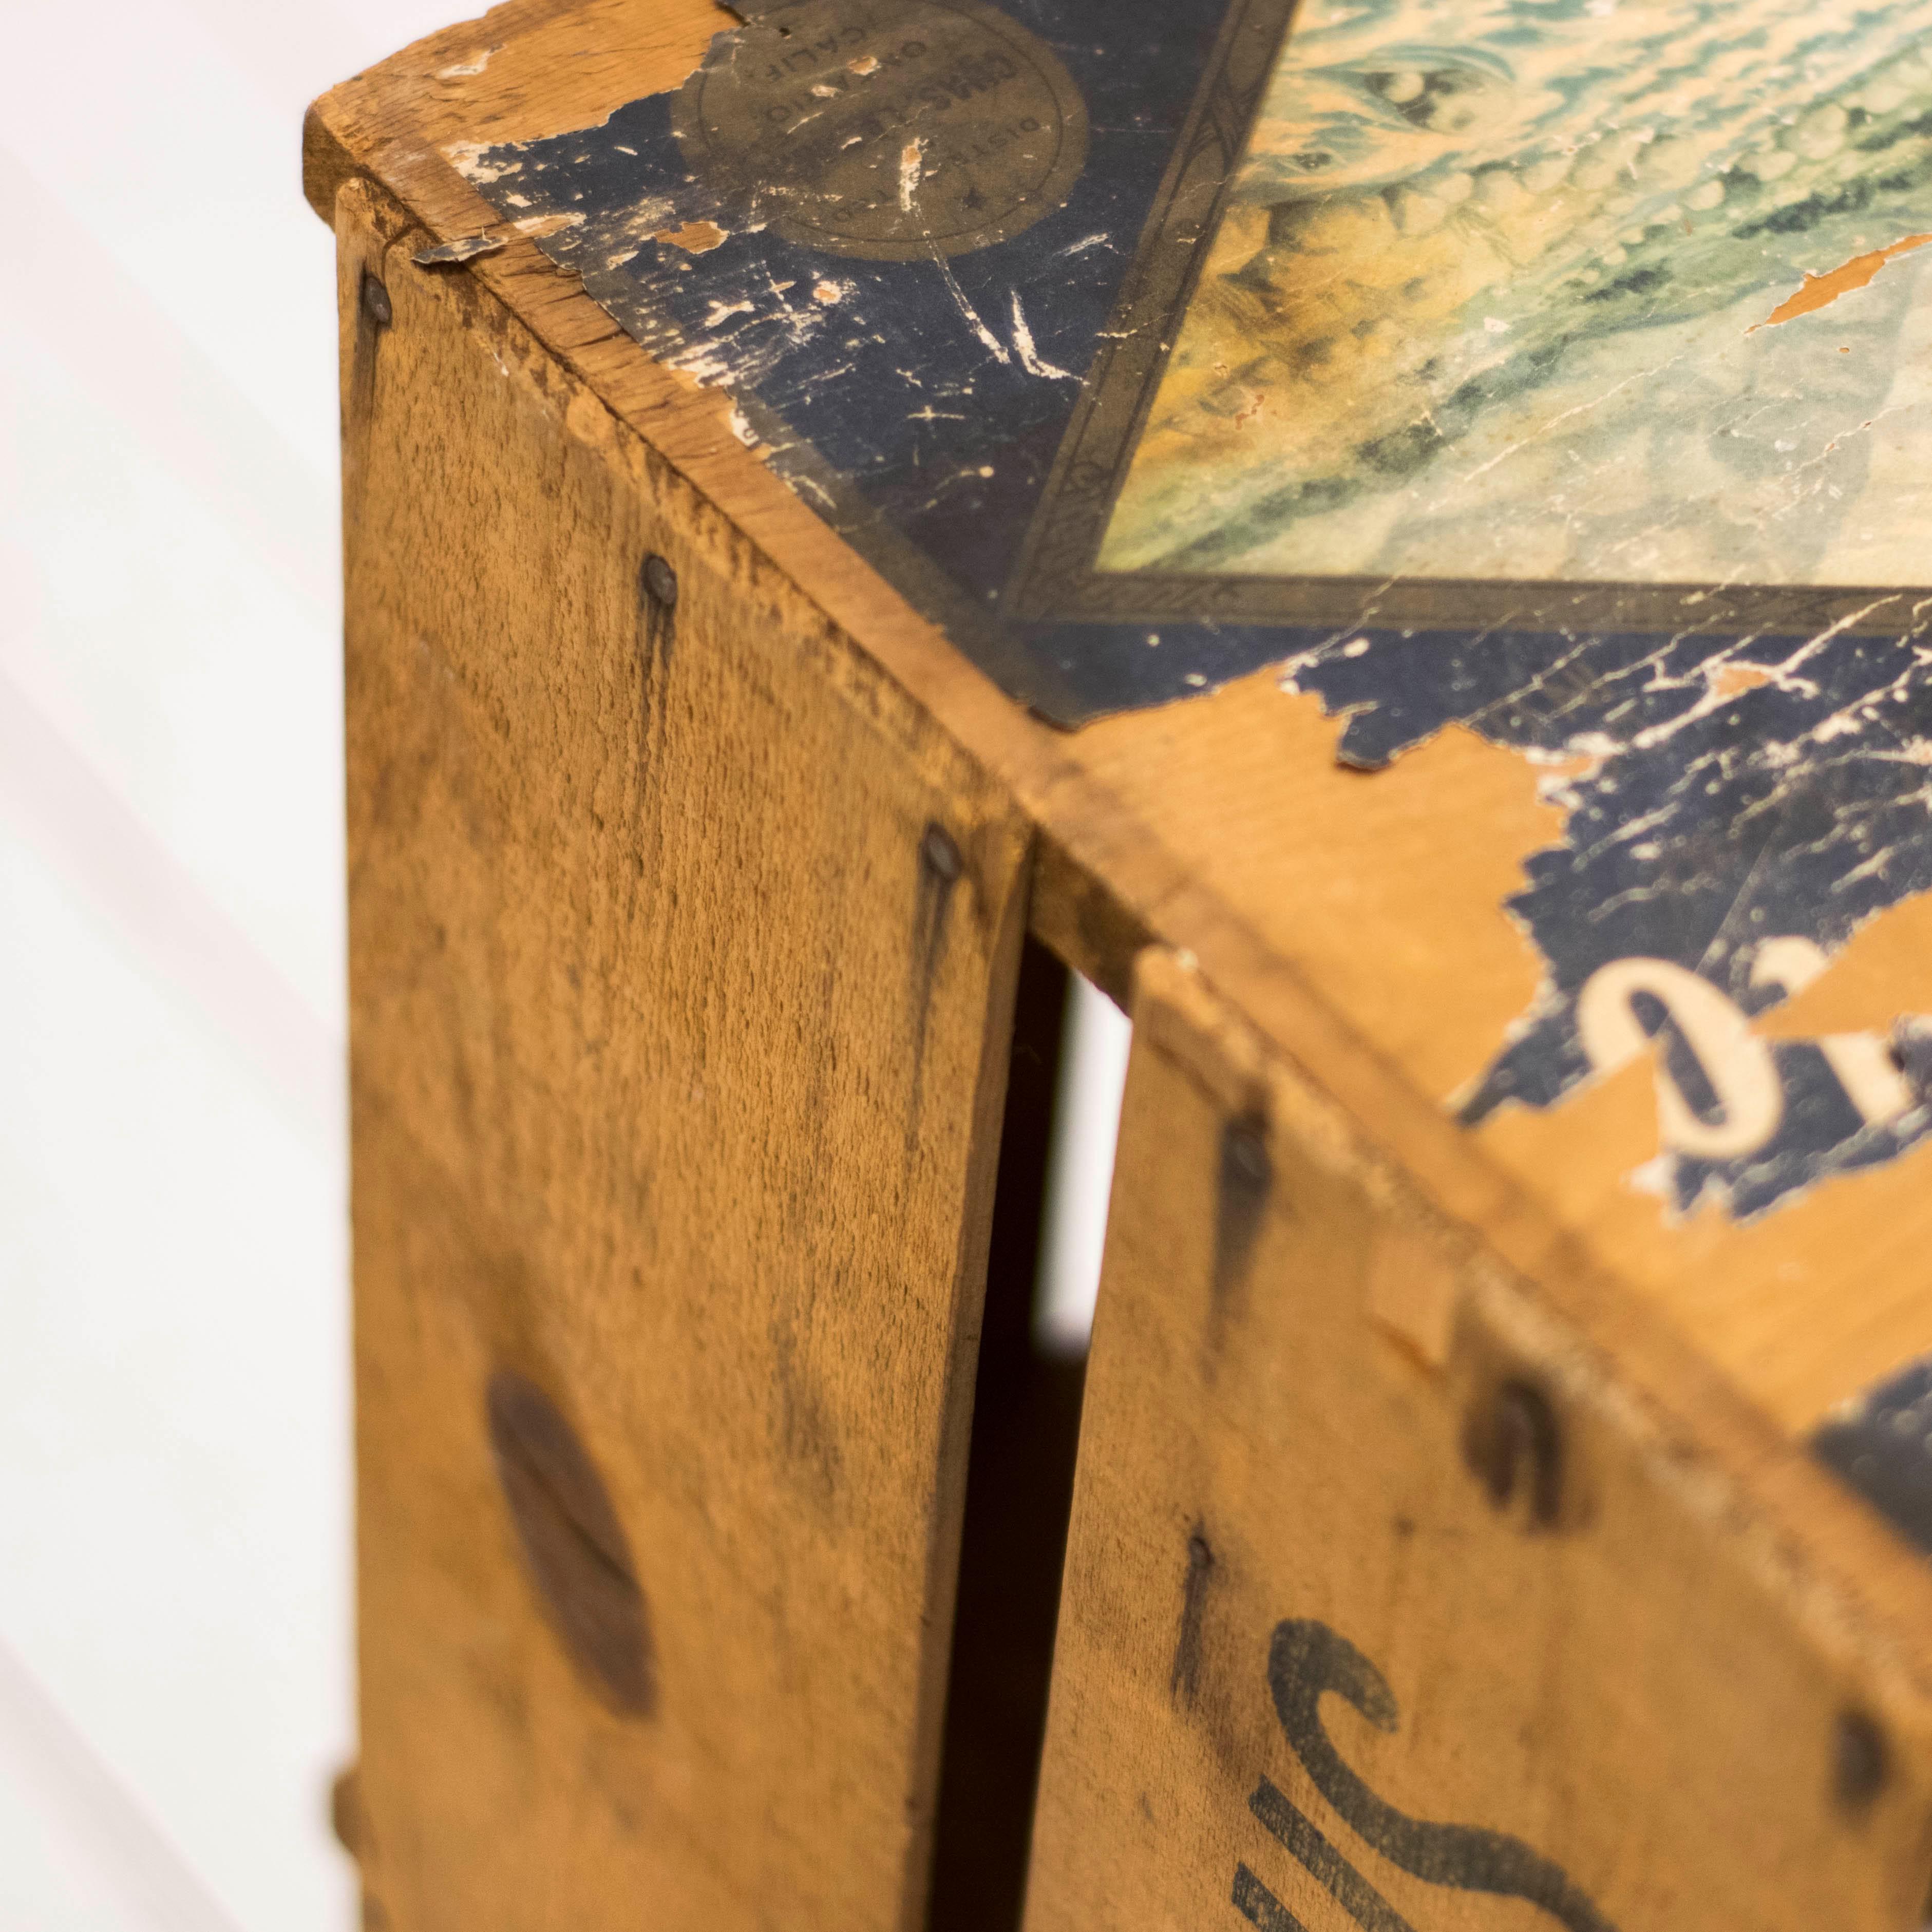 Dewey Crate